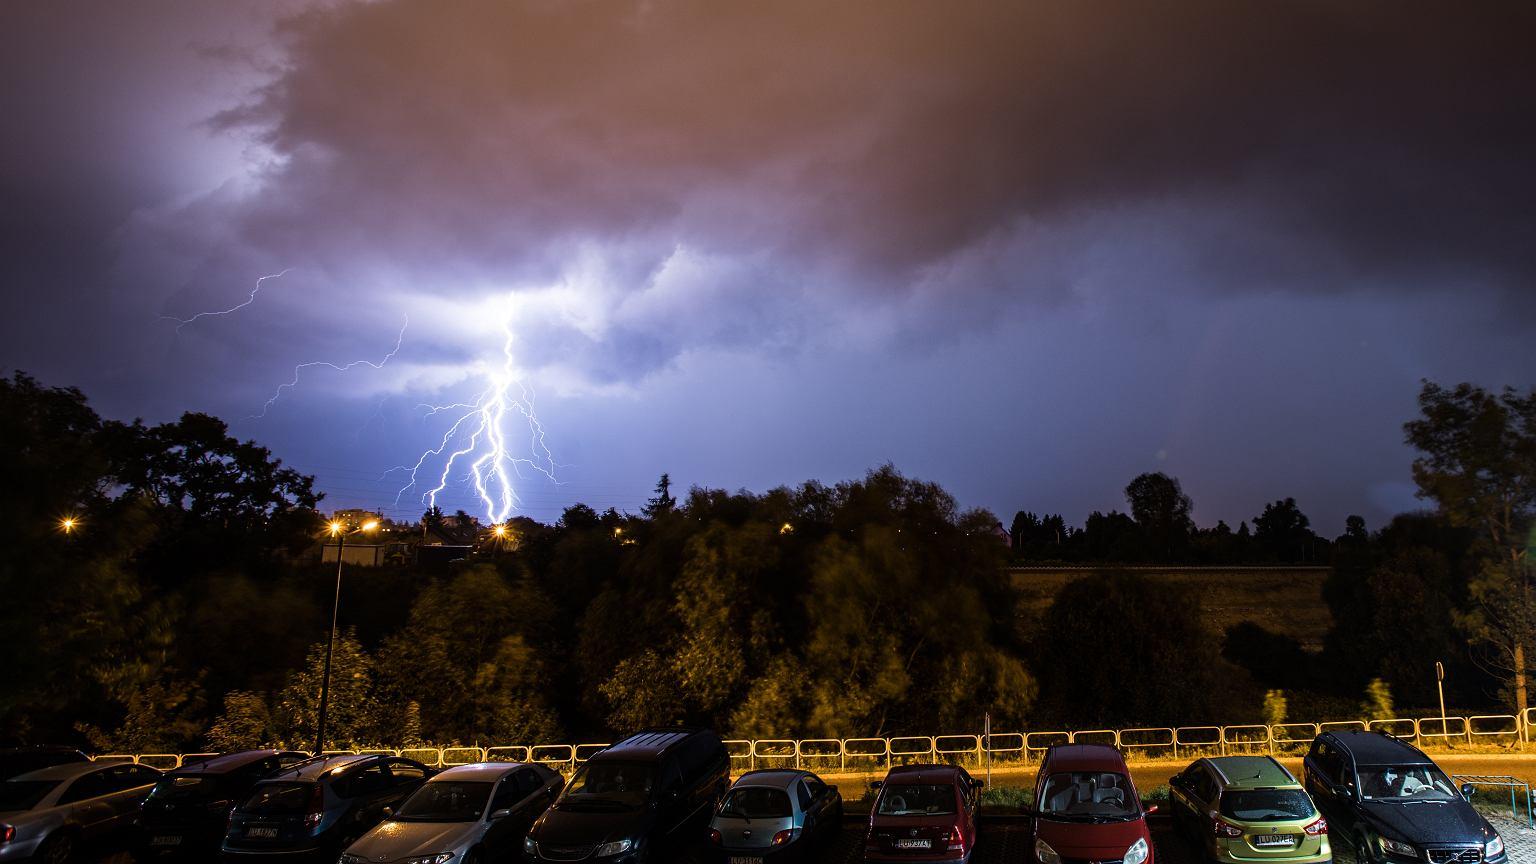 Pogoda. Gdzie jest burza? Ostrzeżenie IMGW przed burzami i intensywnym deszczem w ośmiu województwach